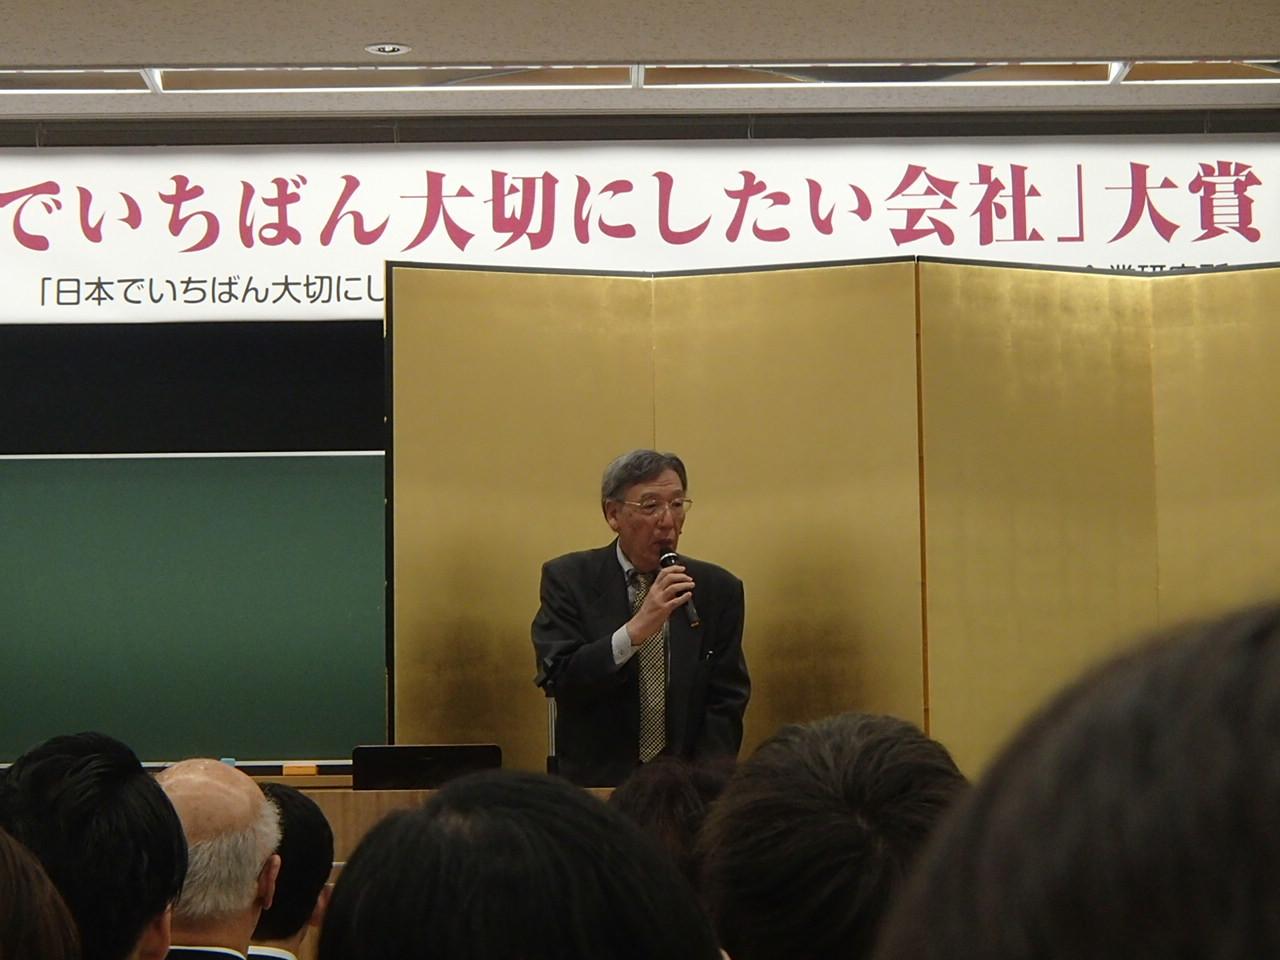 第8回「日本でいちばん大切にしたい会社」大賞の表彰式・懇親会に参加させて頂きました。_e0190287_19054491.jpg